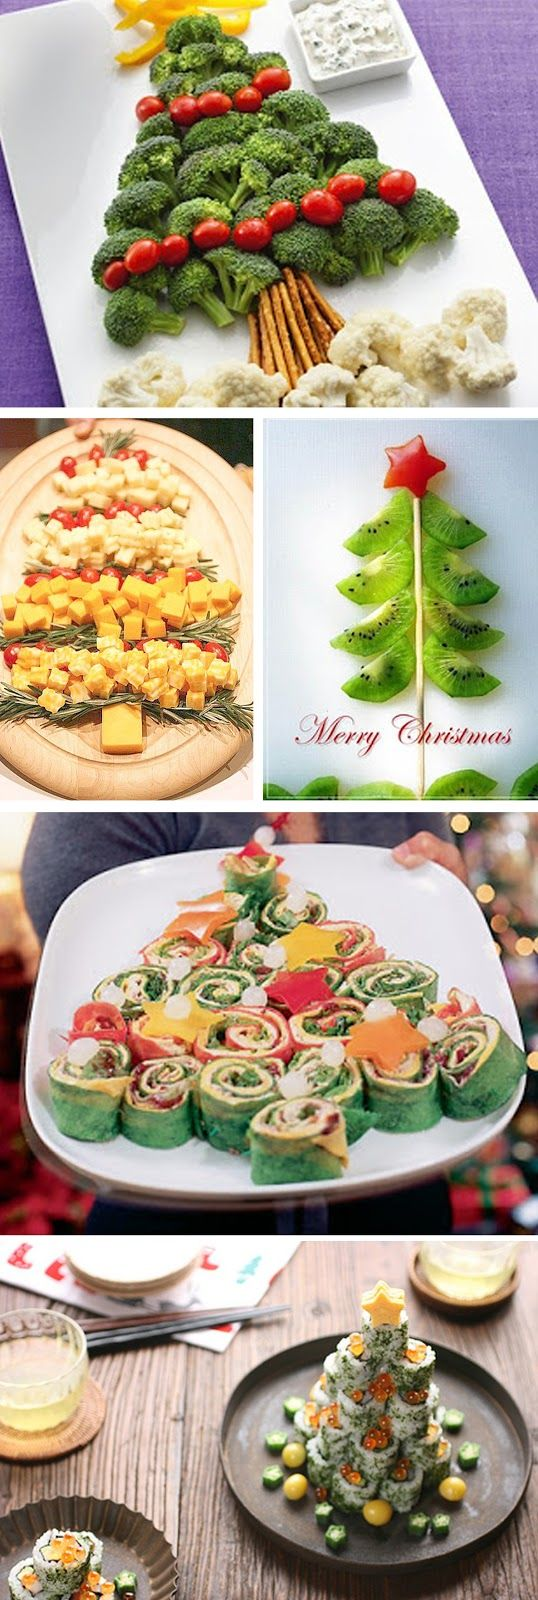 Christmas Food - Navidad en nuestros platos.